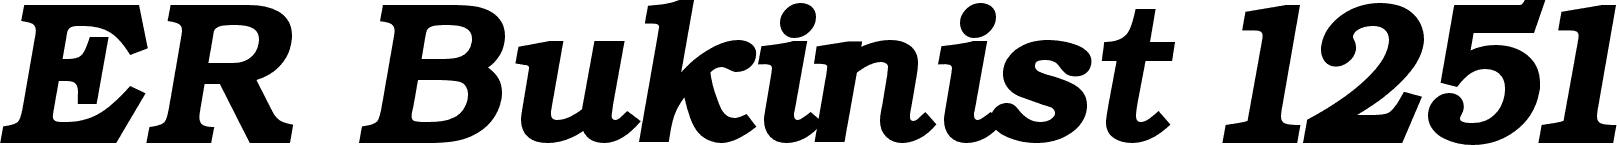 ER Bukinist 1251 Bold Italic font